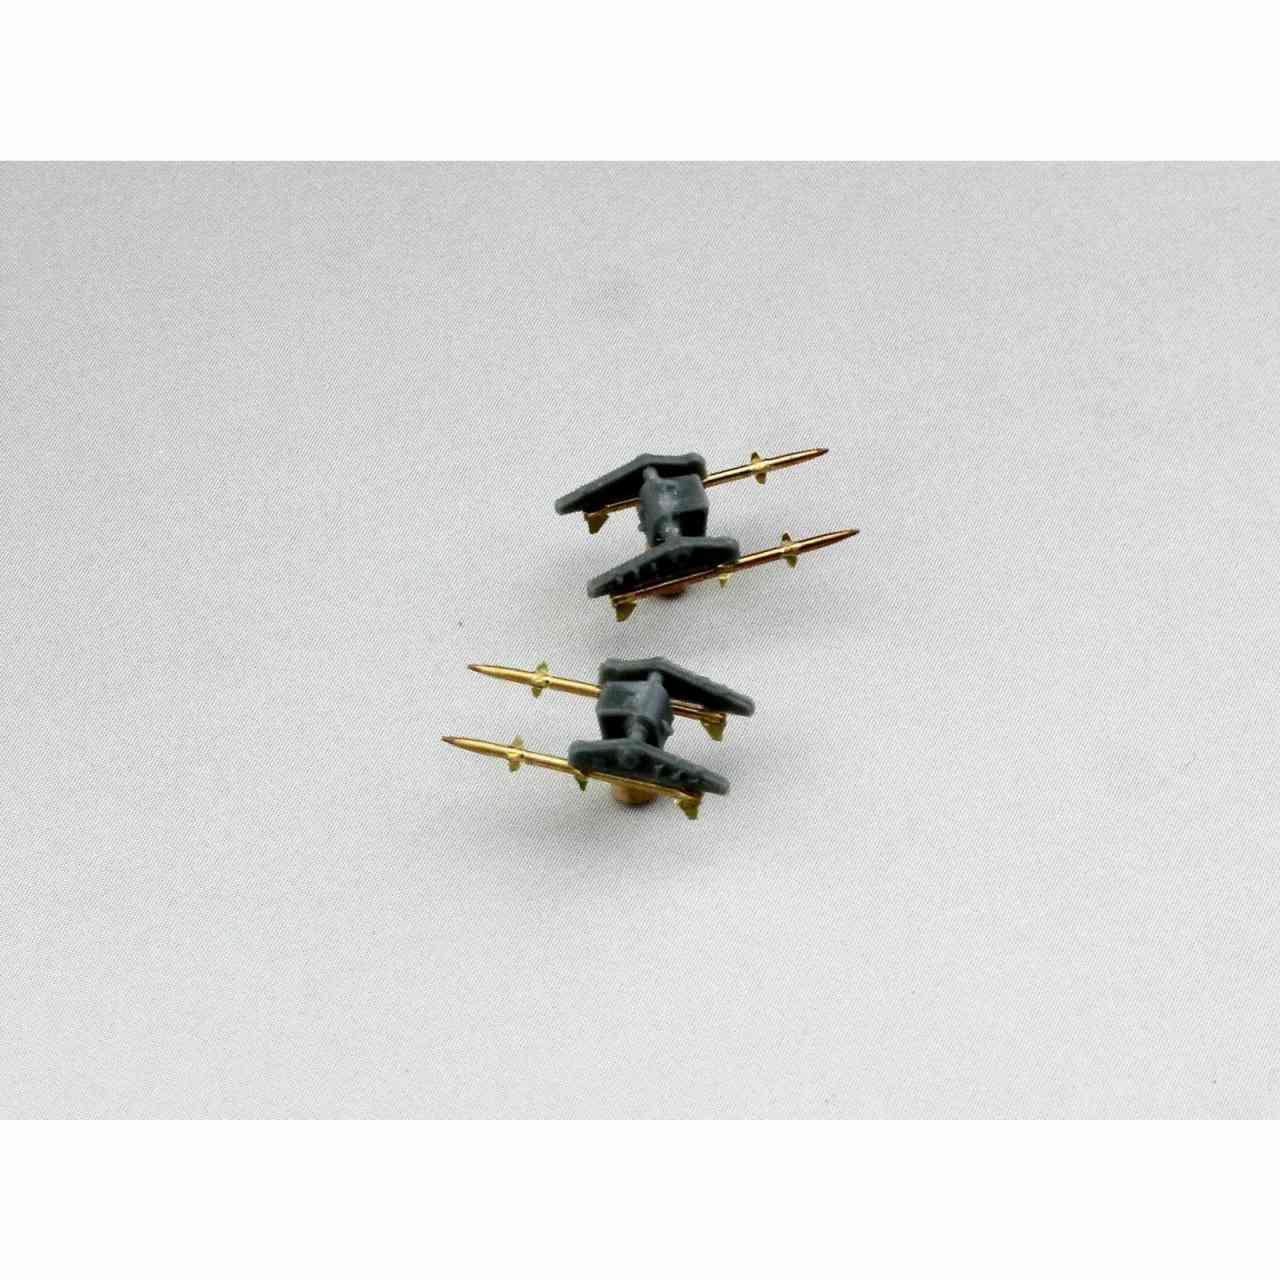 【新製品】N07-156 Mk-4 テリアミサイルランチャー